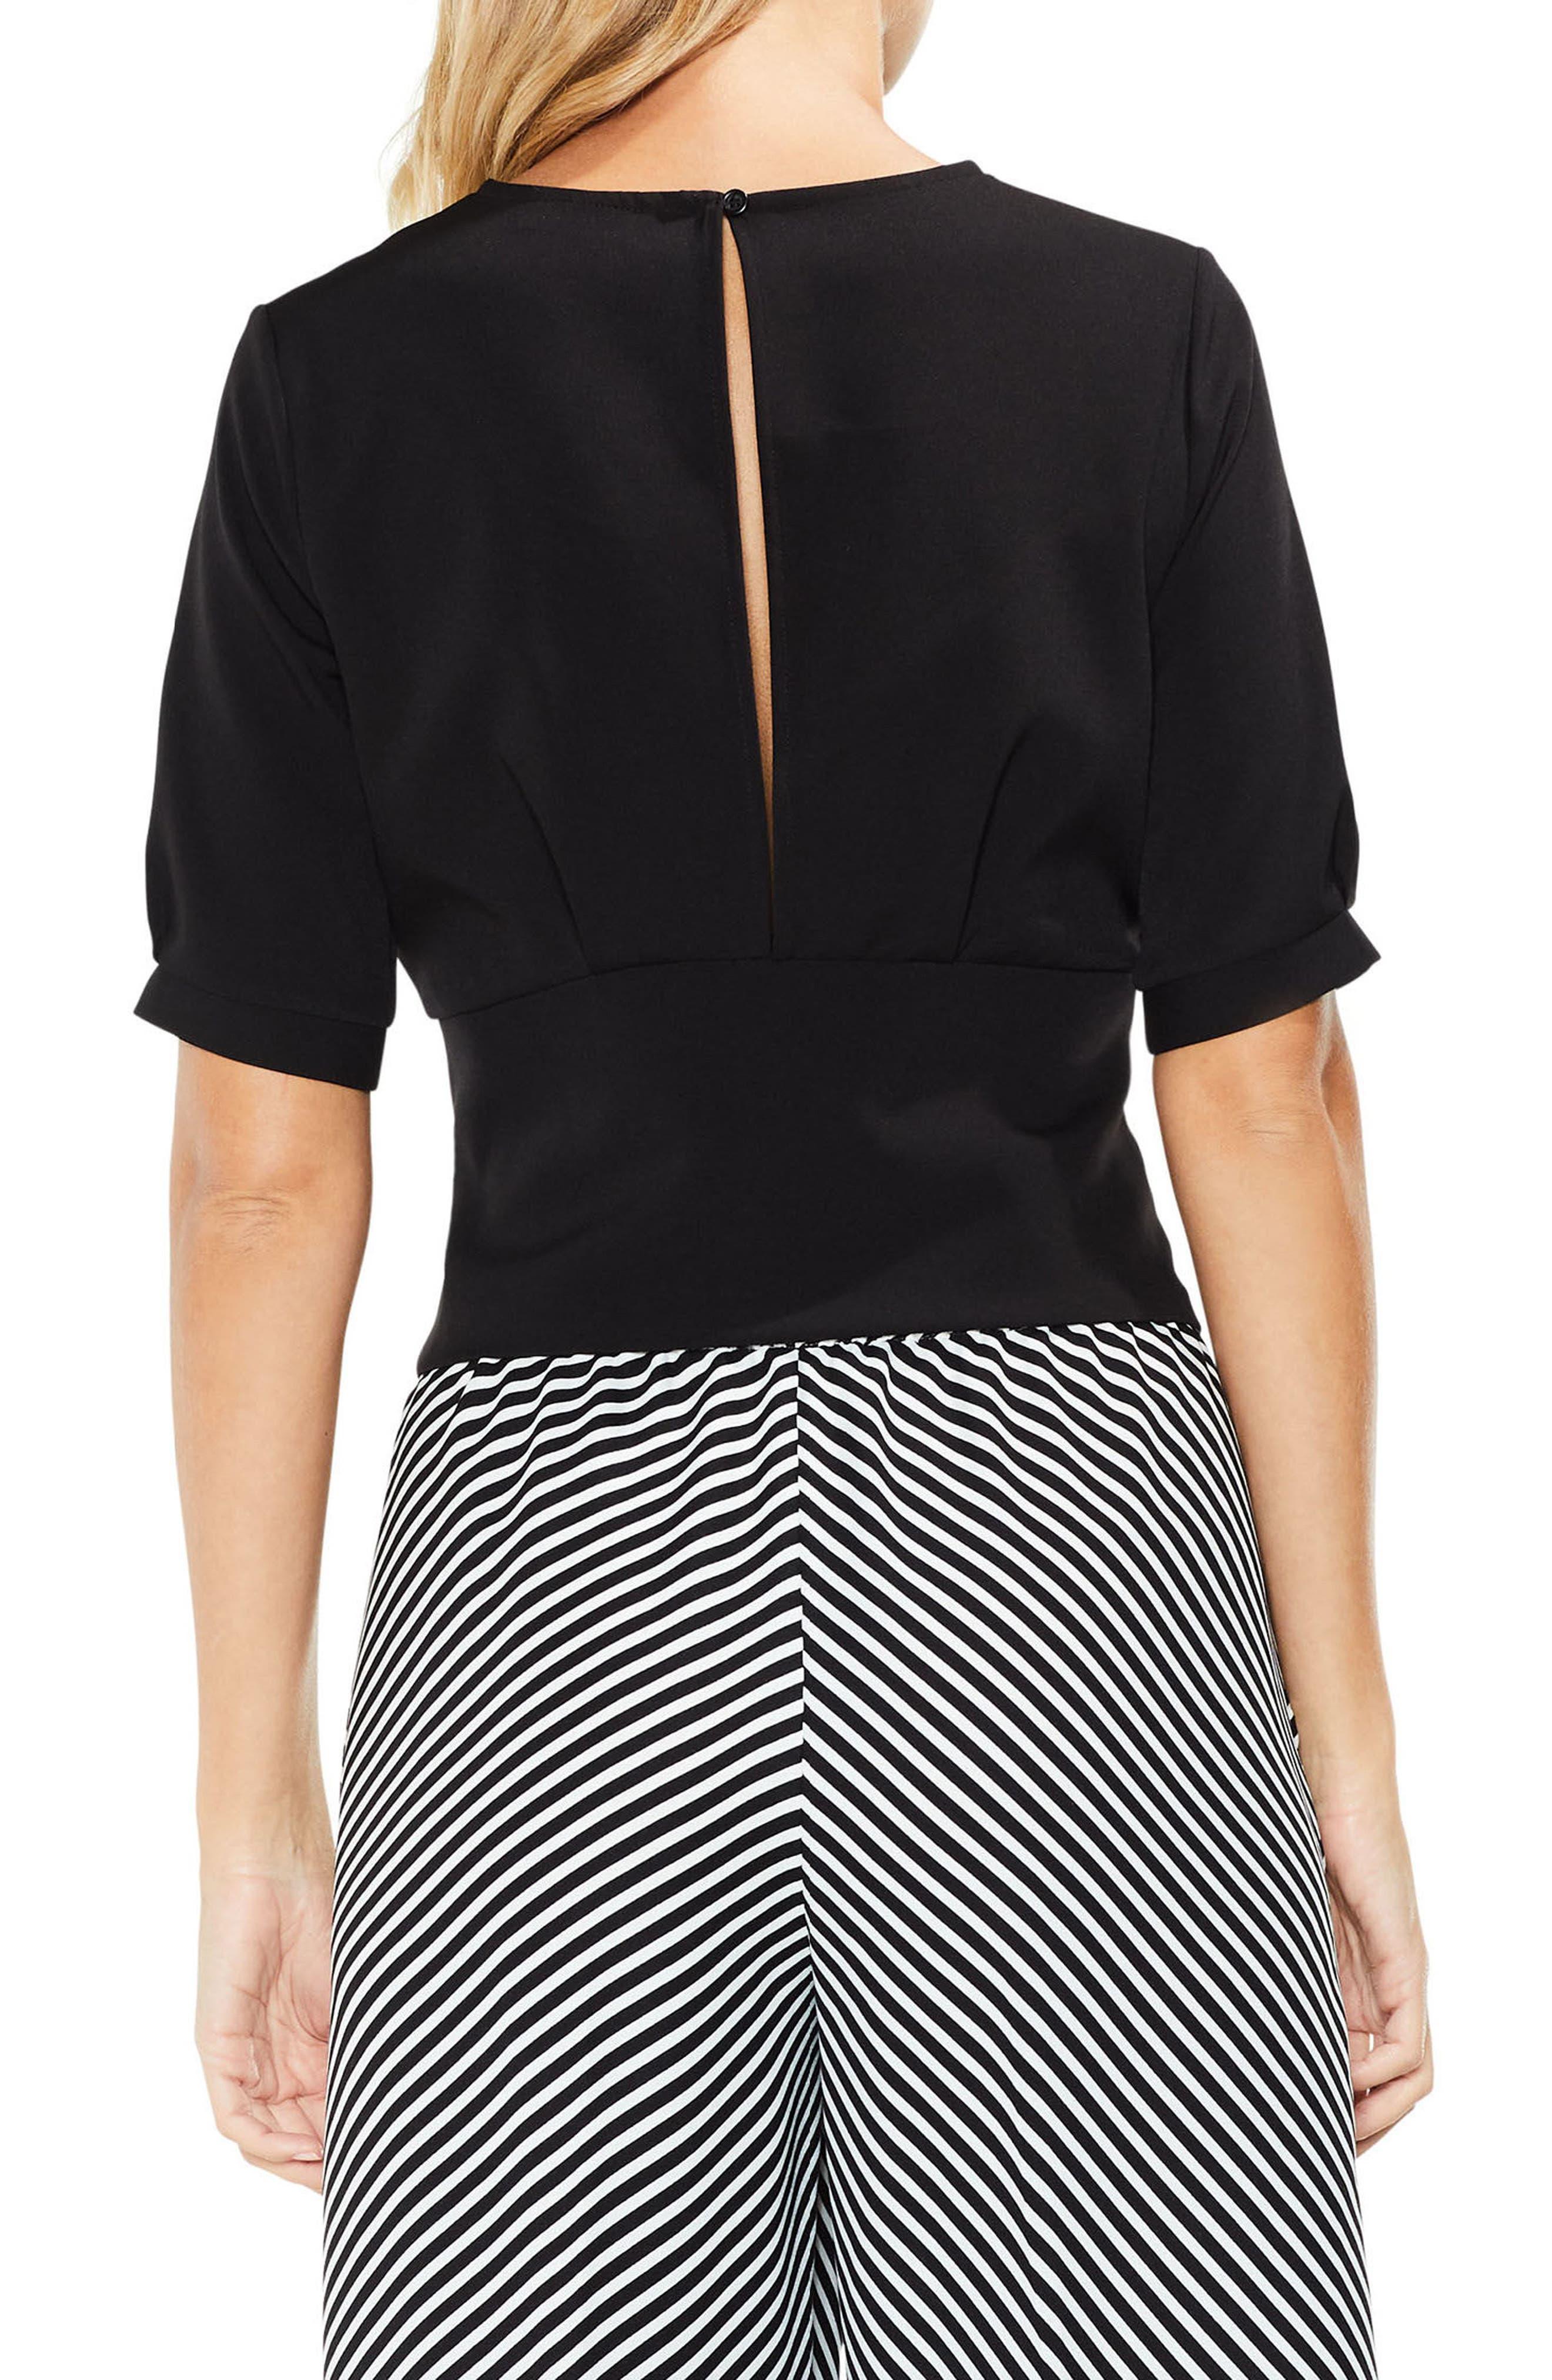 Lace-Up Tie Front Blouse,                             Alternate thumbnail 2, color,                             006